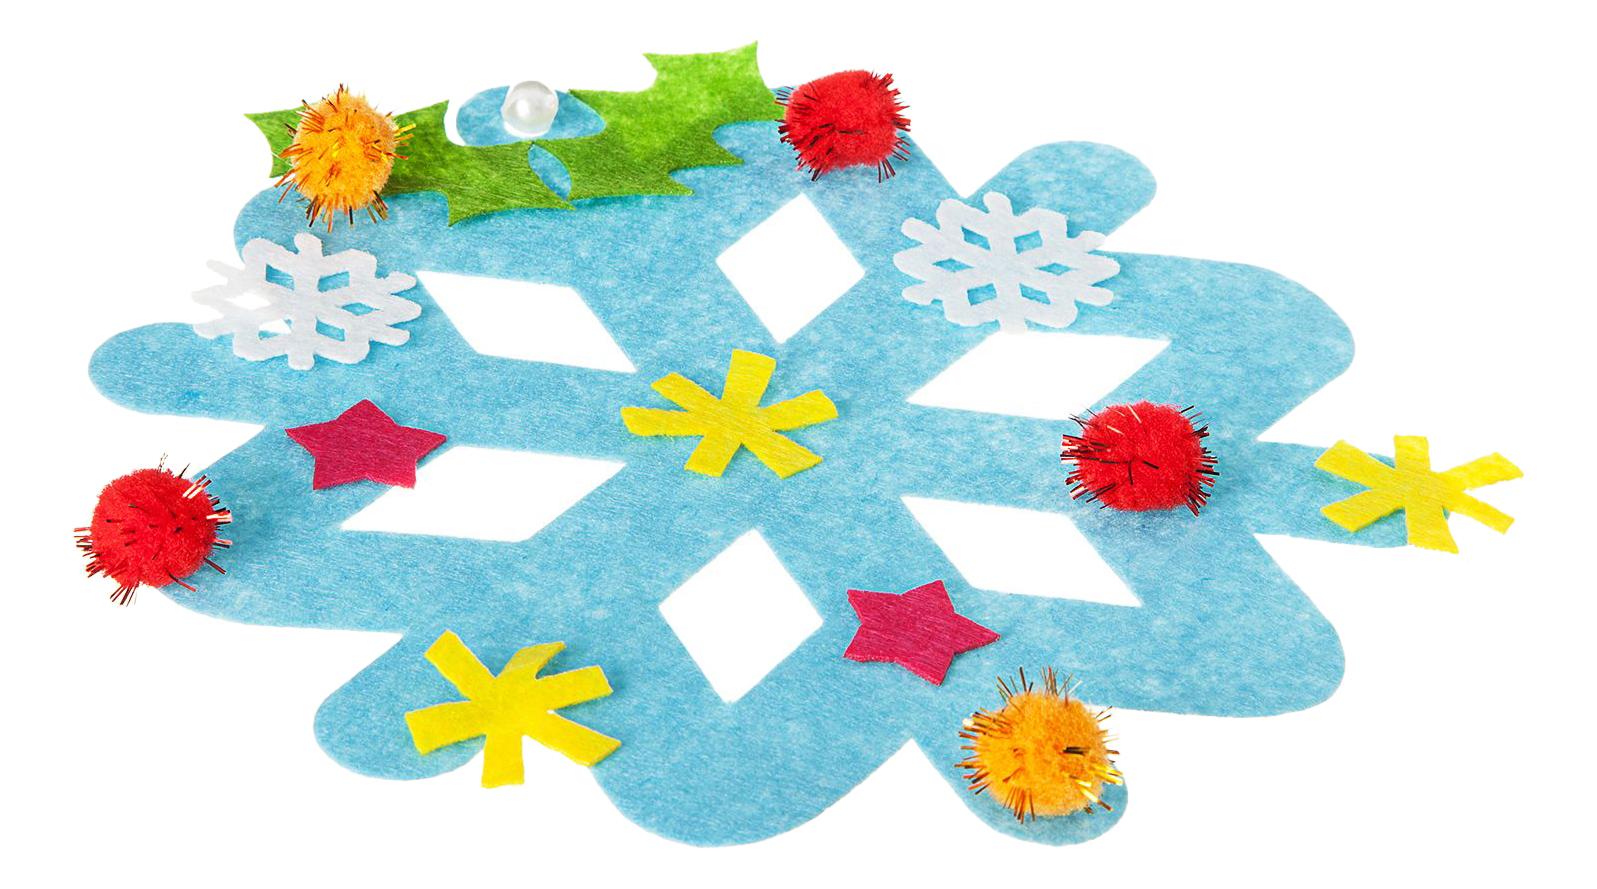 Купить Новогодние украшения Снежинки, Набор для творчества Ёлочные украшения Снежинки 5+ Bondibon BB1876, Рукоделие